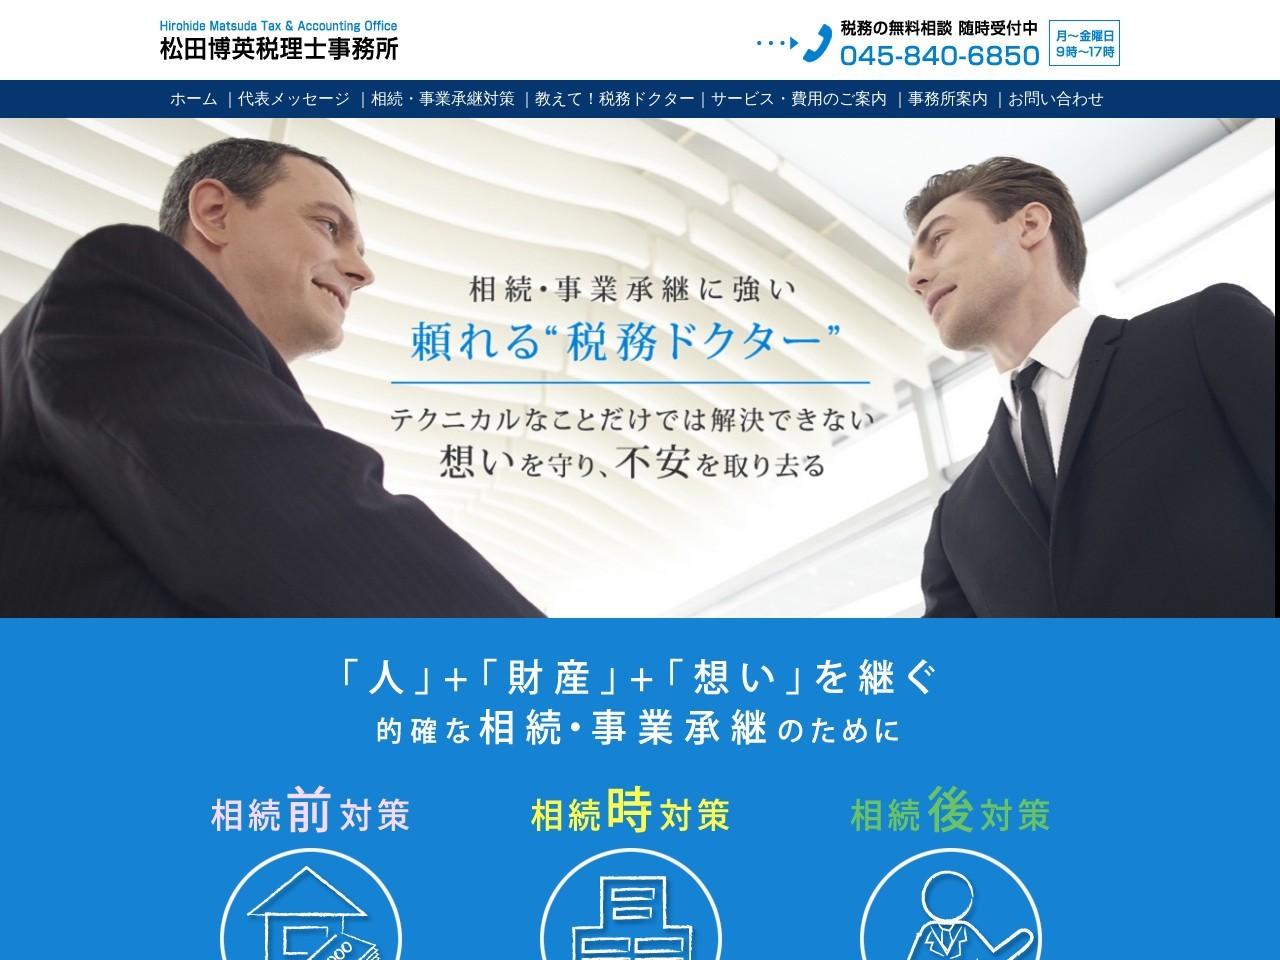 松田博英税理士事務所